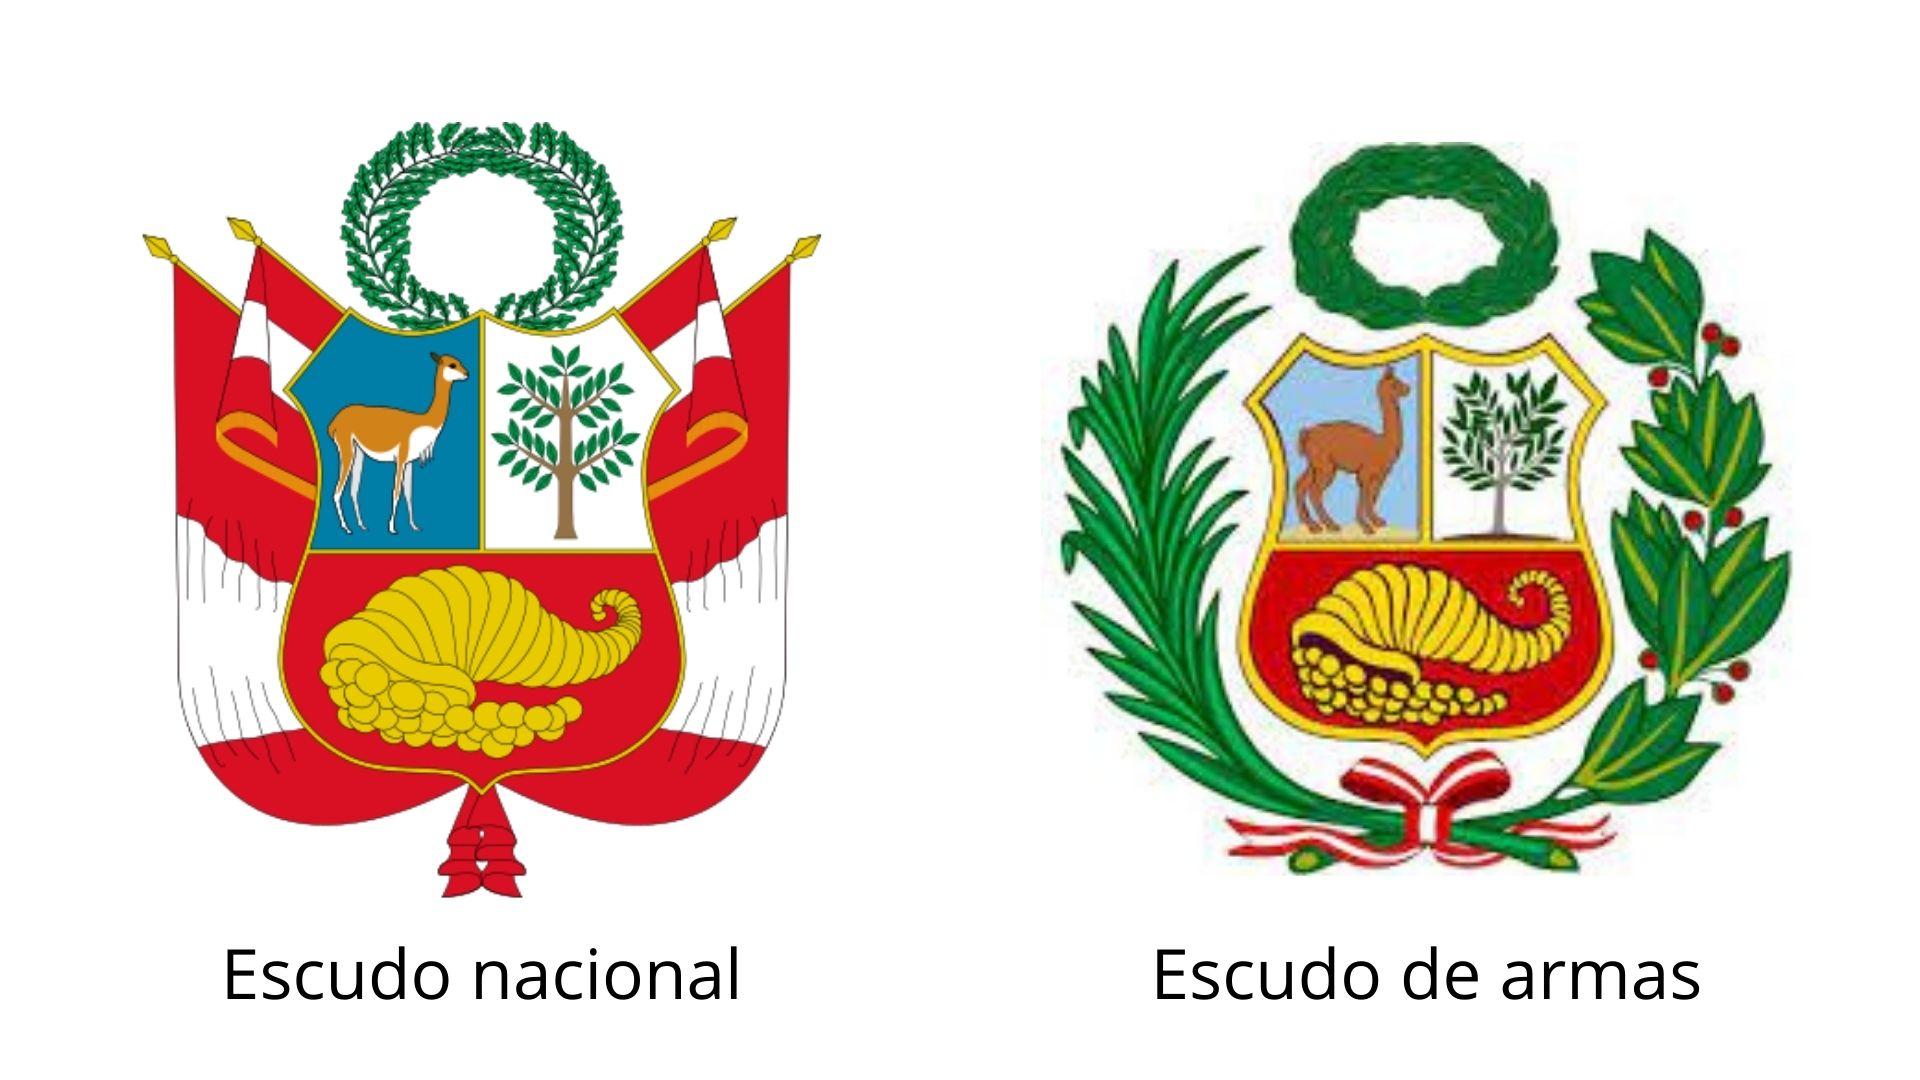 escudo-peru-nacional-armas.jpg